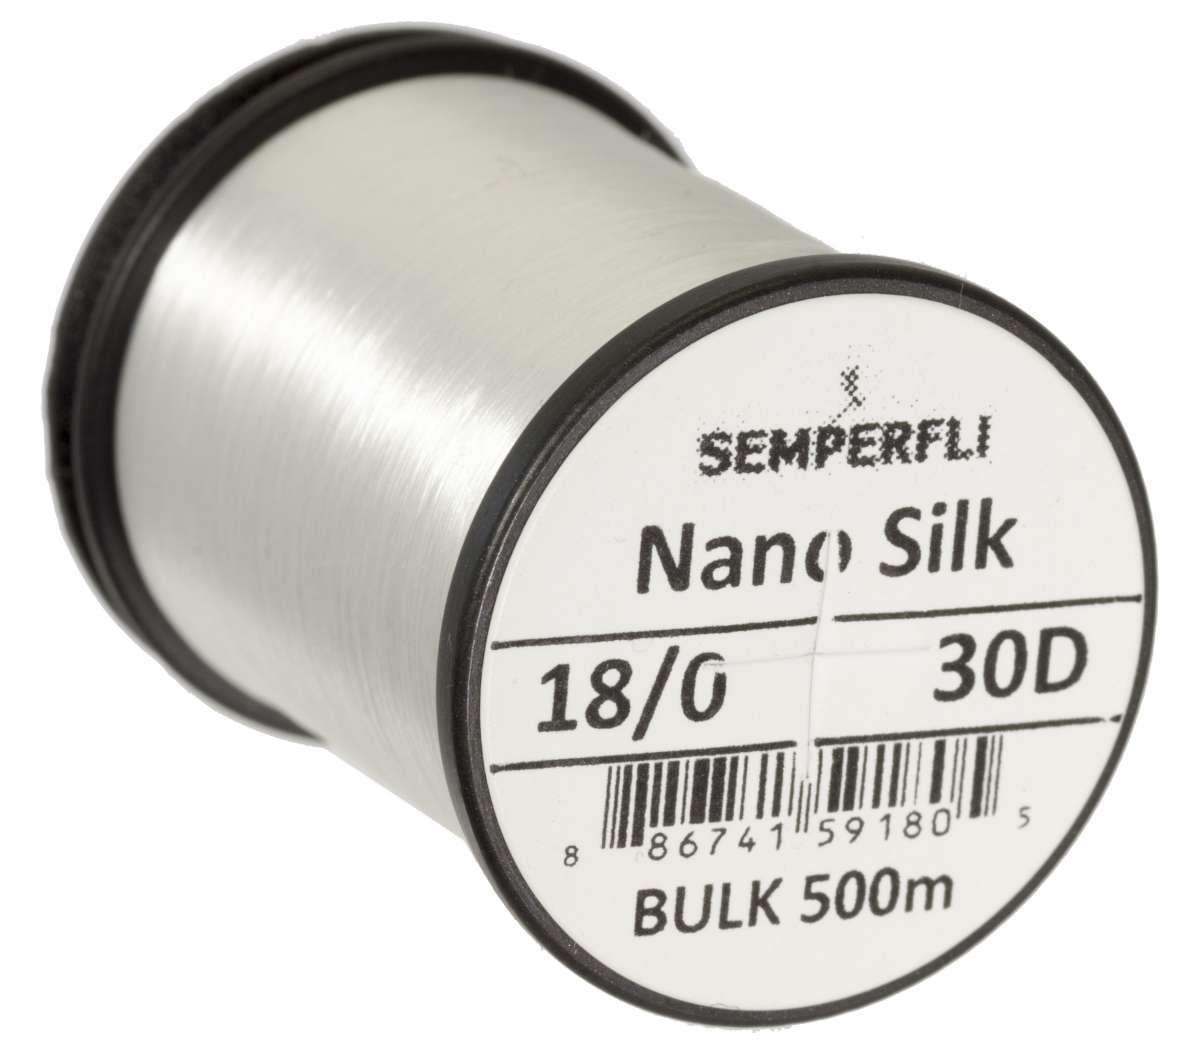 Nano Silk 30D -18/0 Bulk 500m Spool